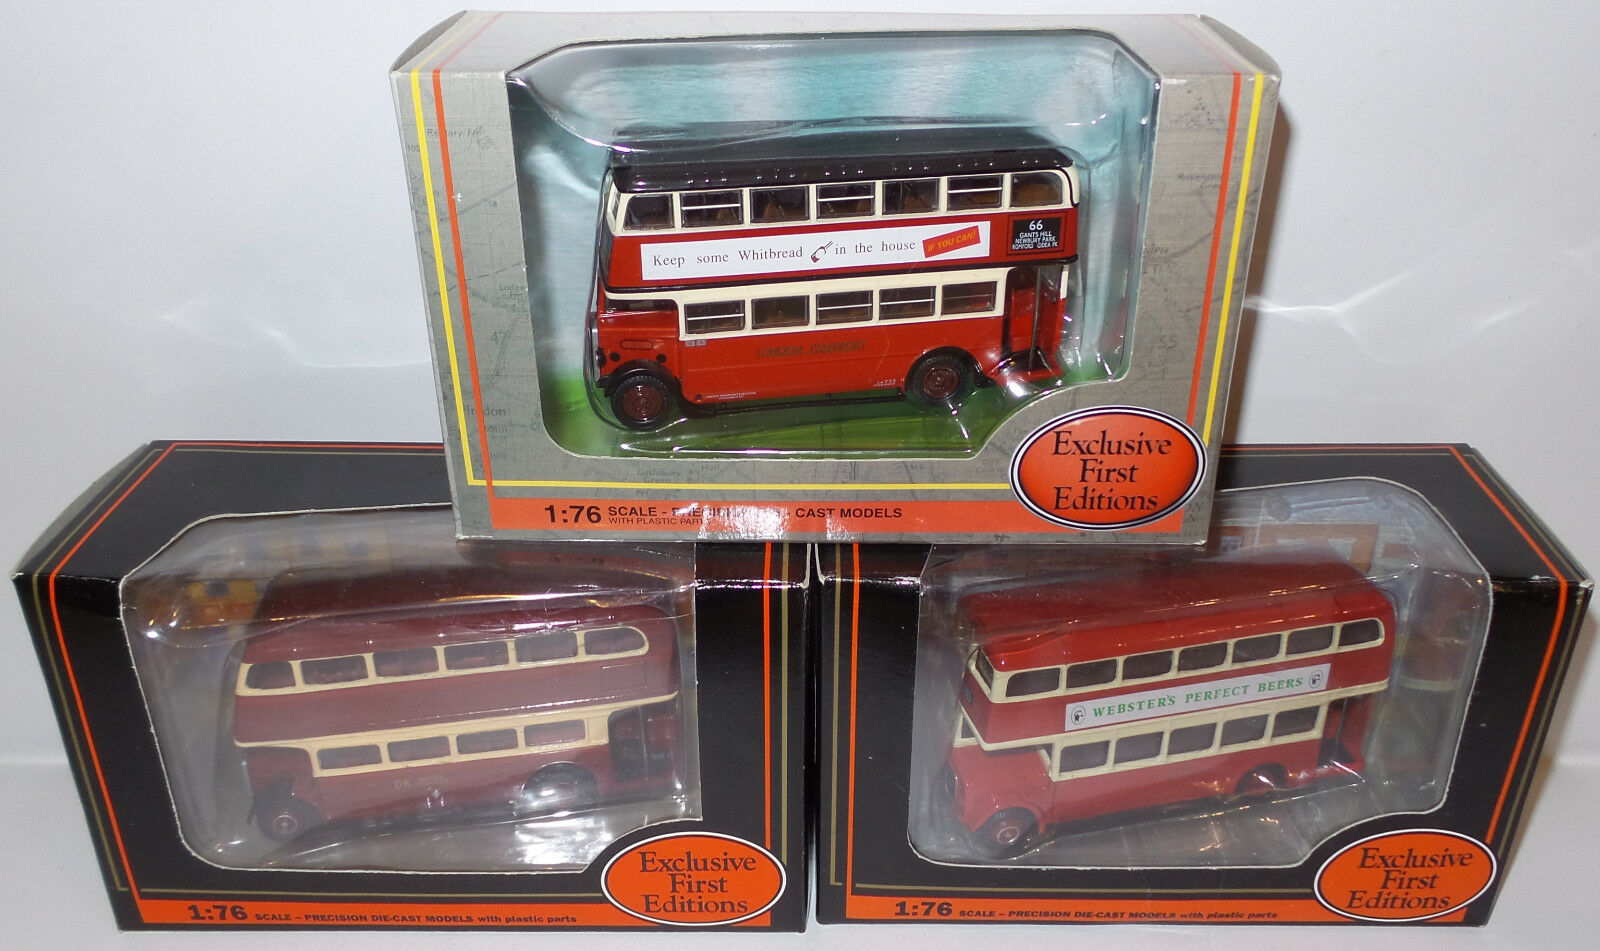 Autobuses  Regent V, AEC STL Clase Bus, RTL D Cubierta buses. 19706, 11109, 27809 (DT)